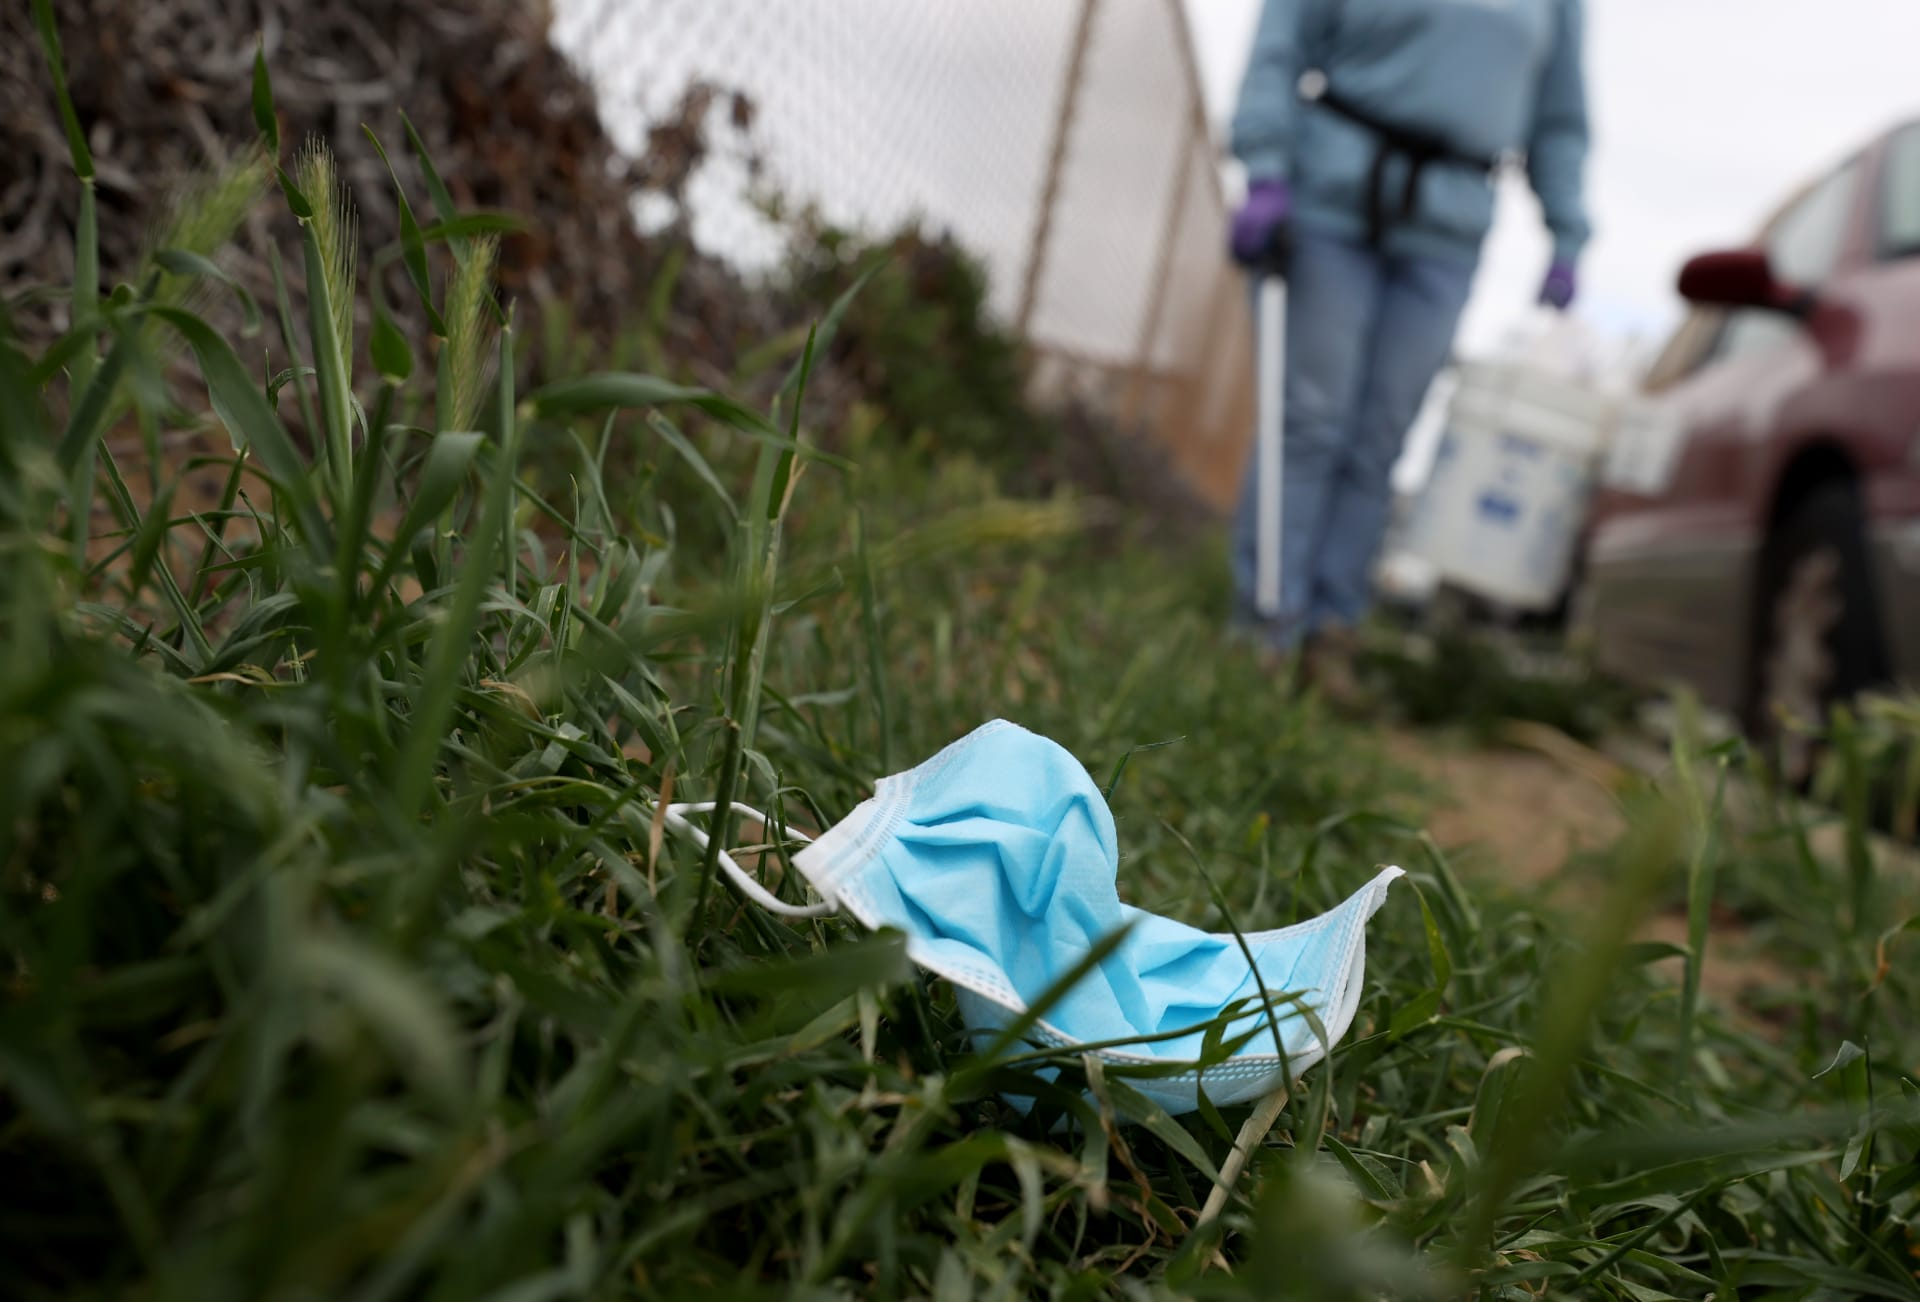 تنتج الزهور بدلاً من القمامة.. تتحول هذه الكمامات القابلة للتحلل إلى زهور عند التخلص منها